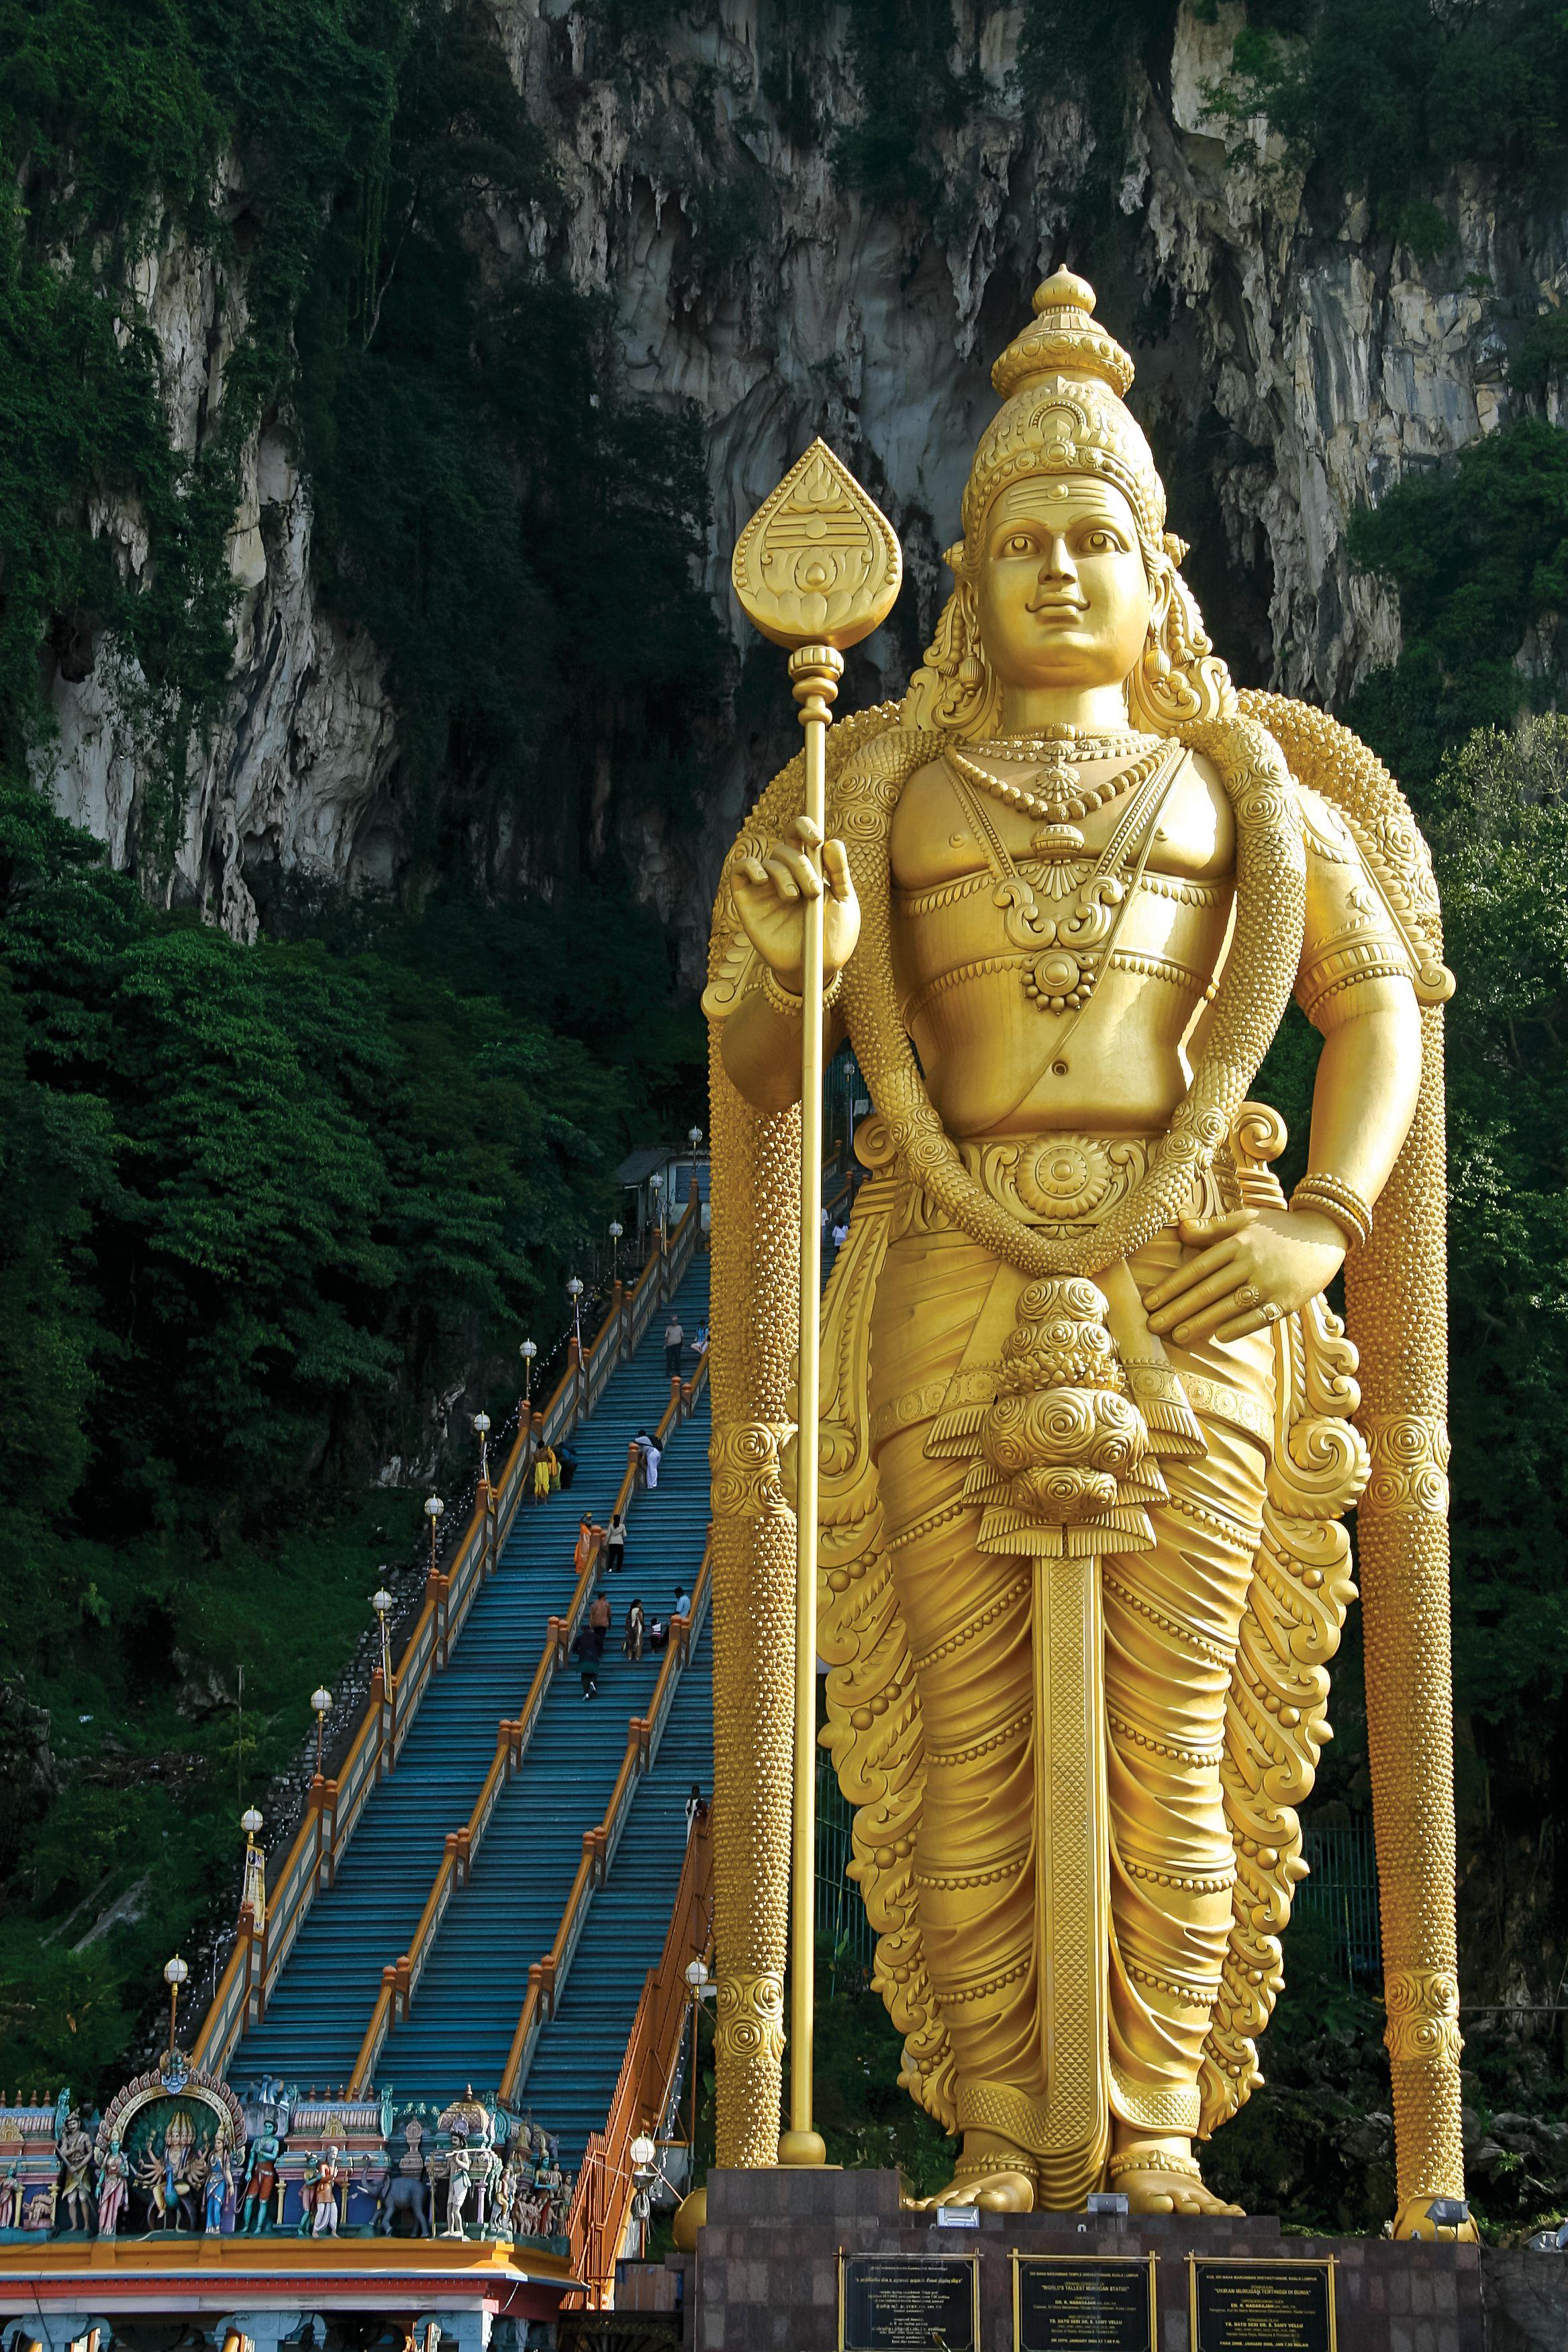 Las Cuevas de Batu, de 400 millones de años. Nada prepara al visitante al encuentro con la estatua de oro, de 45 metros, de la deidad Murugan, que guarda la entrada a uno de los templos hindúes más importantes fuera de la India.